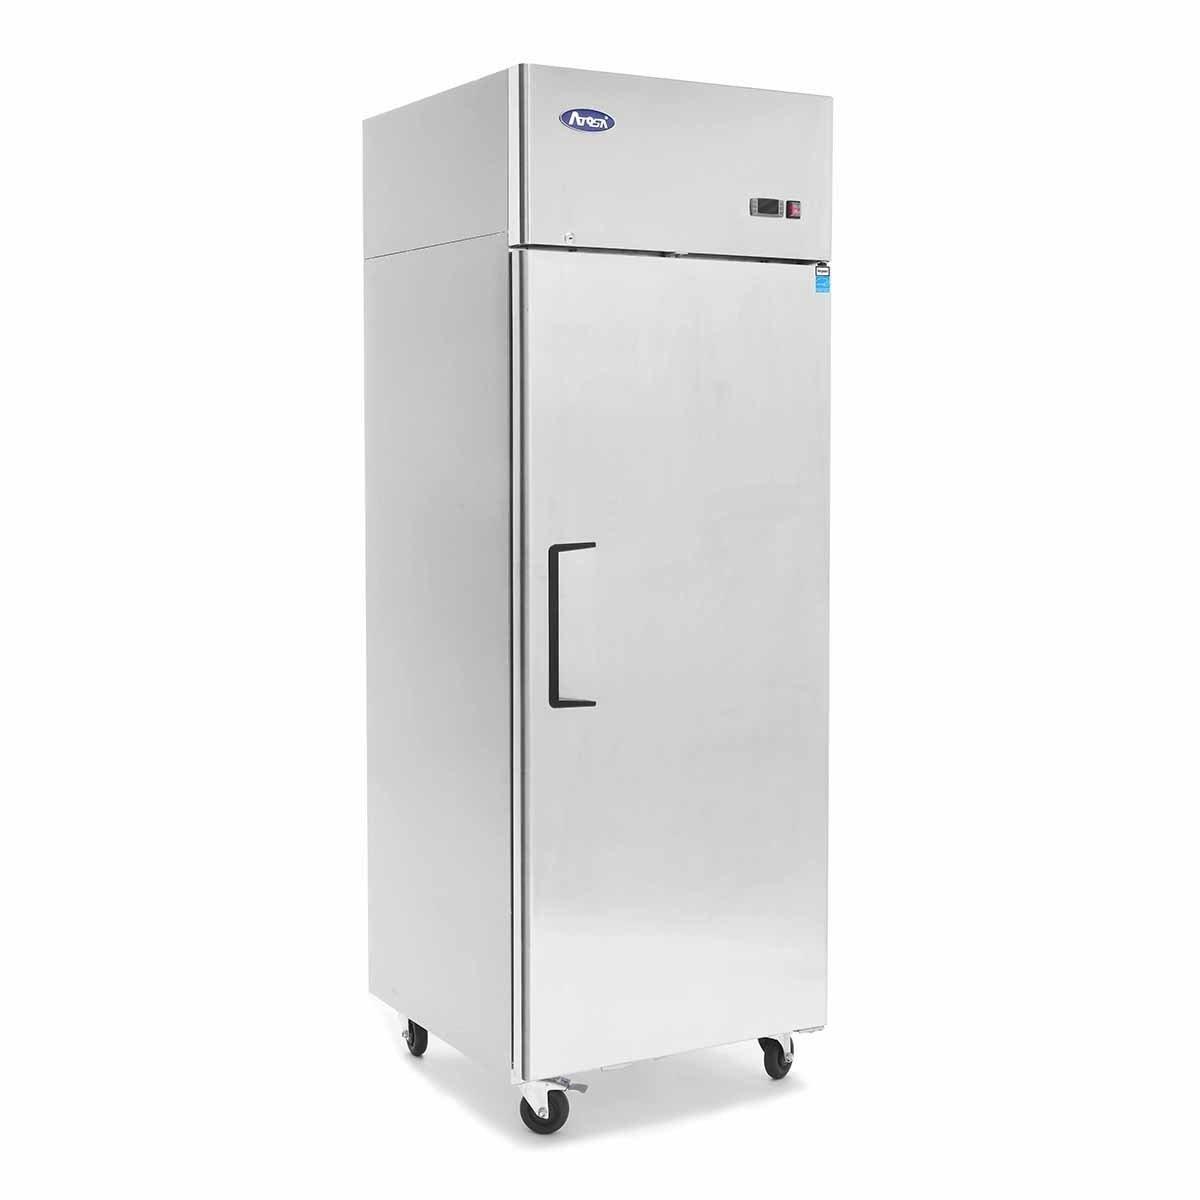 MBF8004 Top Mount (1) One Door Refrigerator